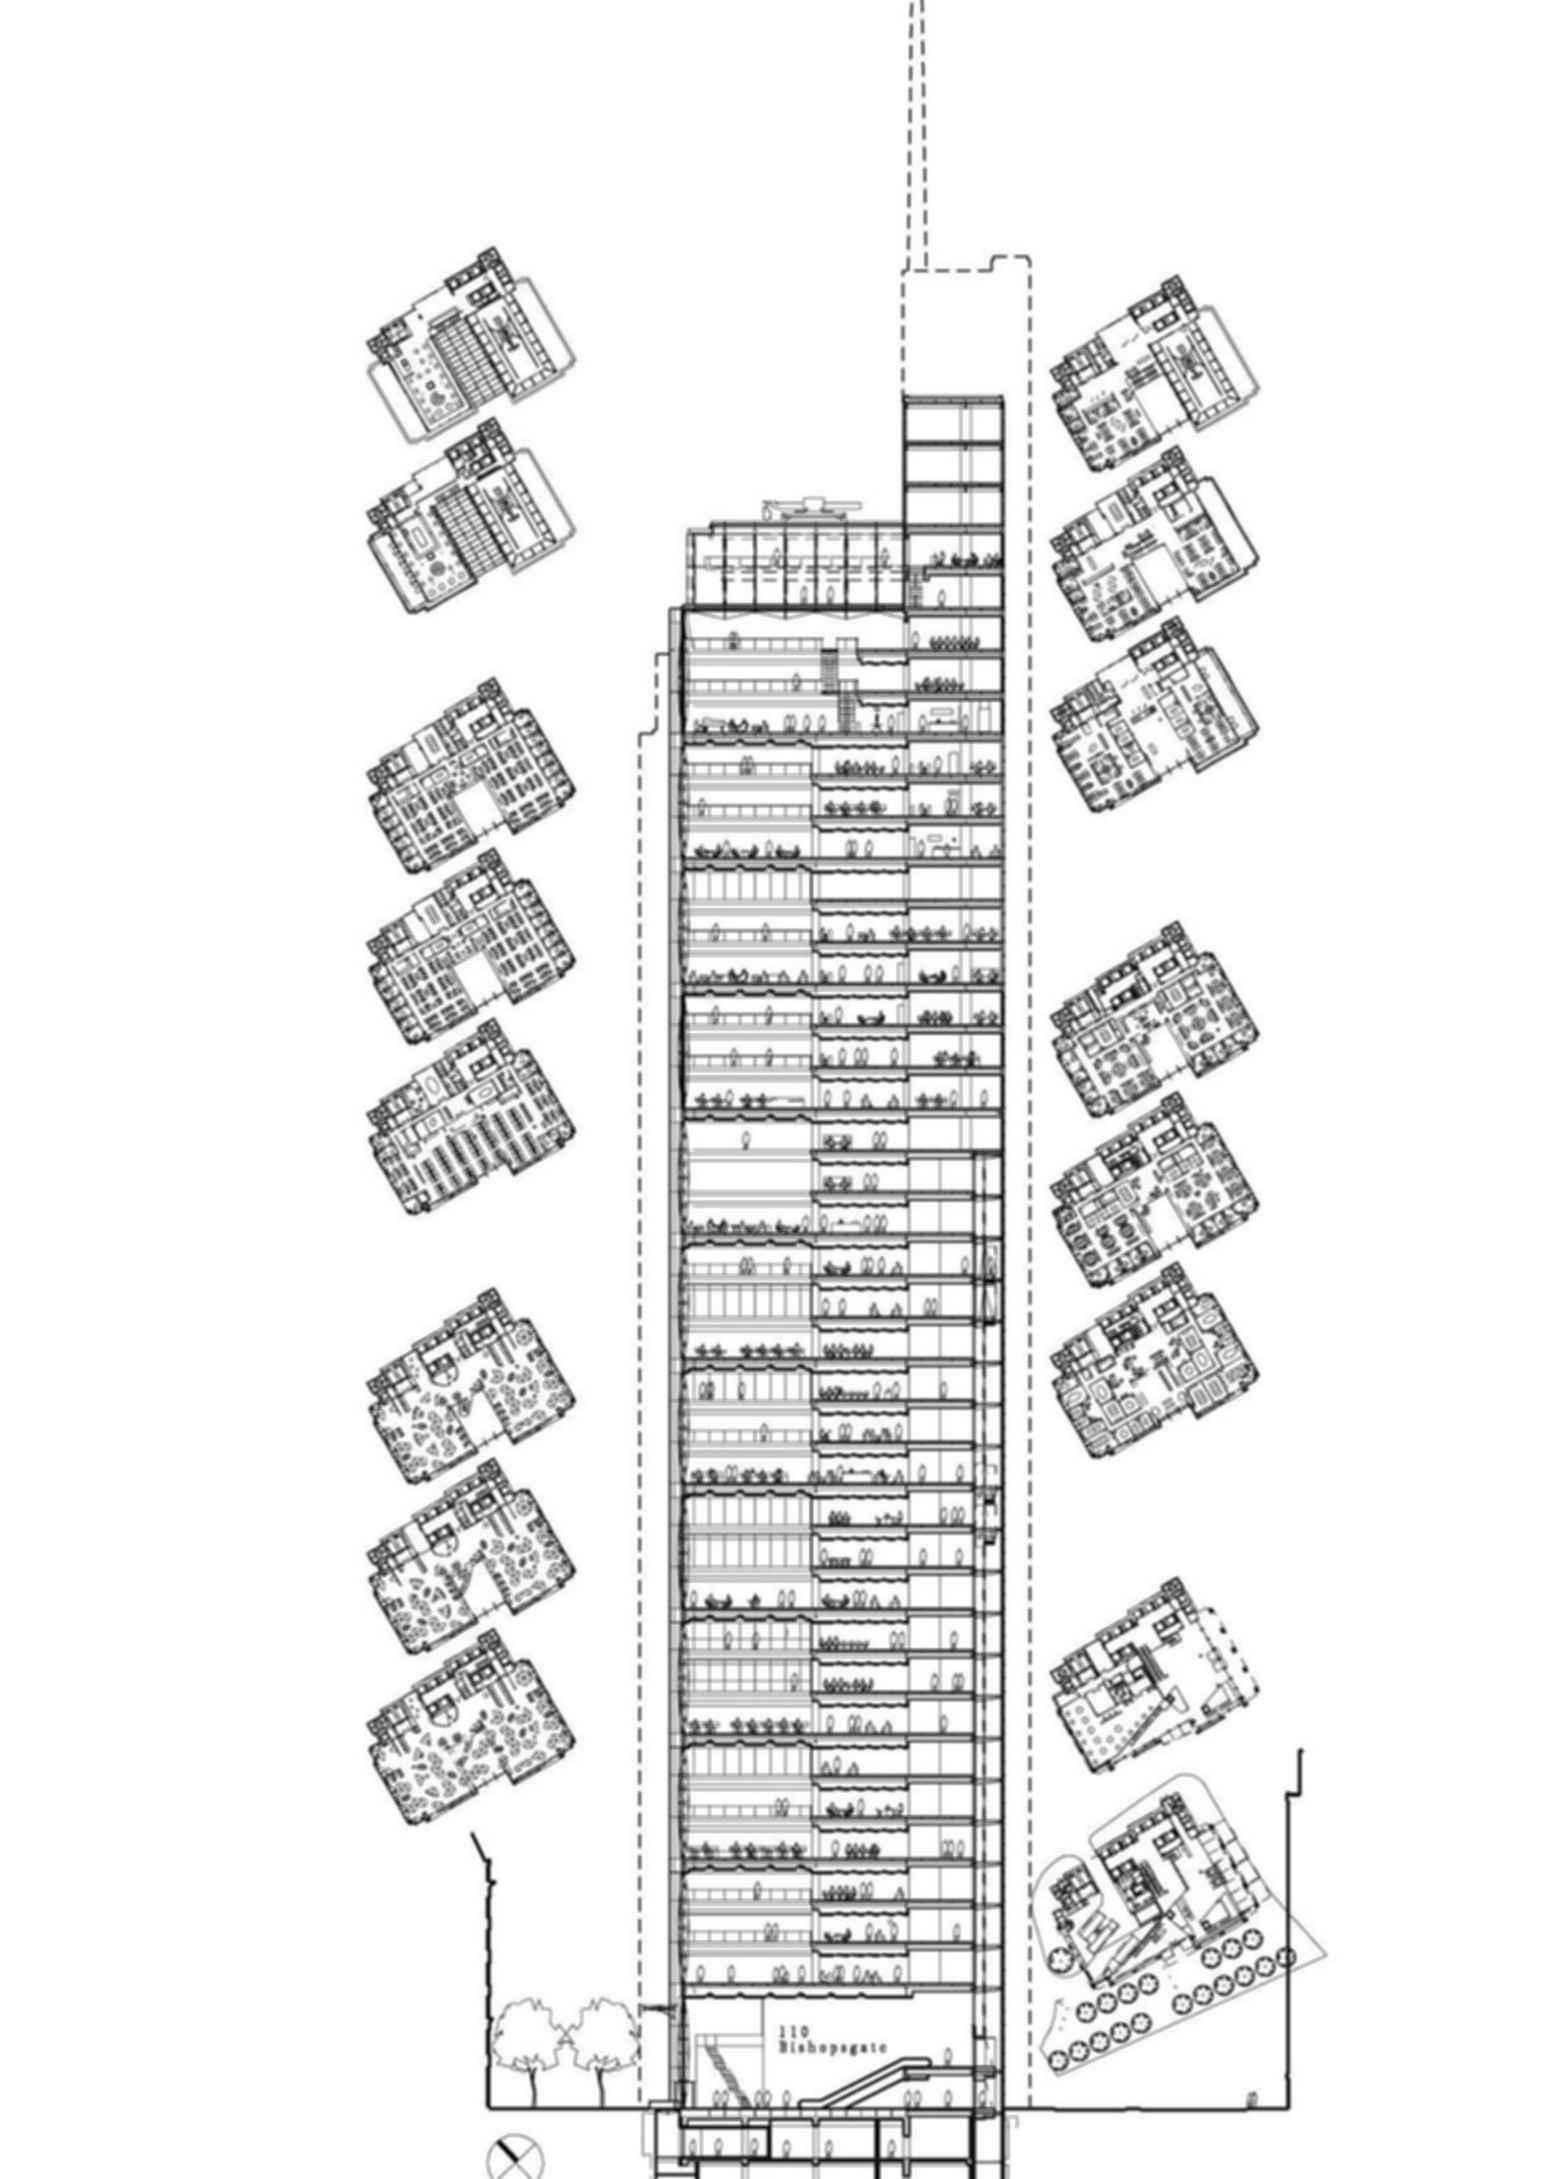 110 Bishopsgate - Drawing